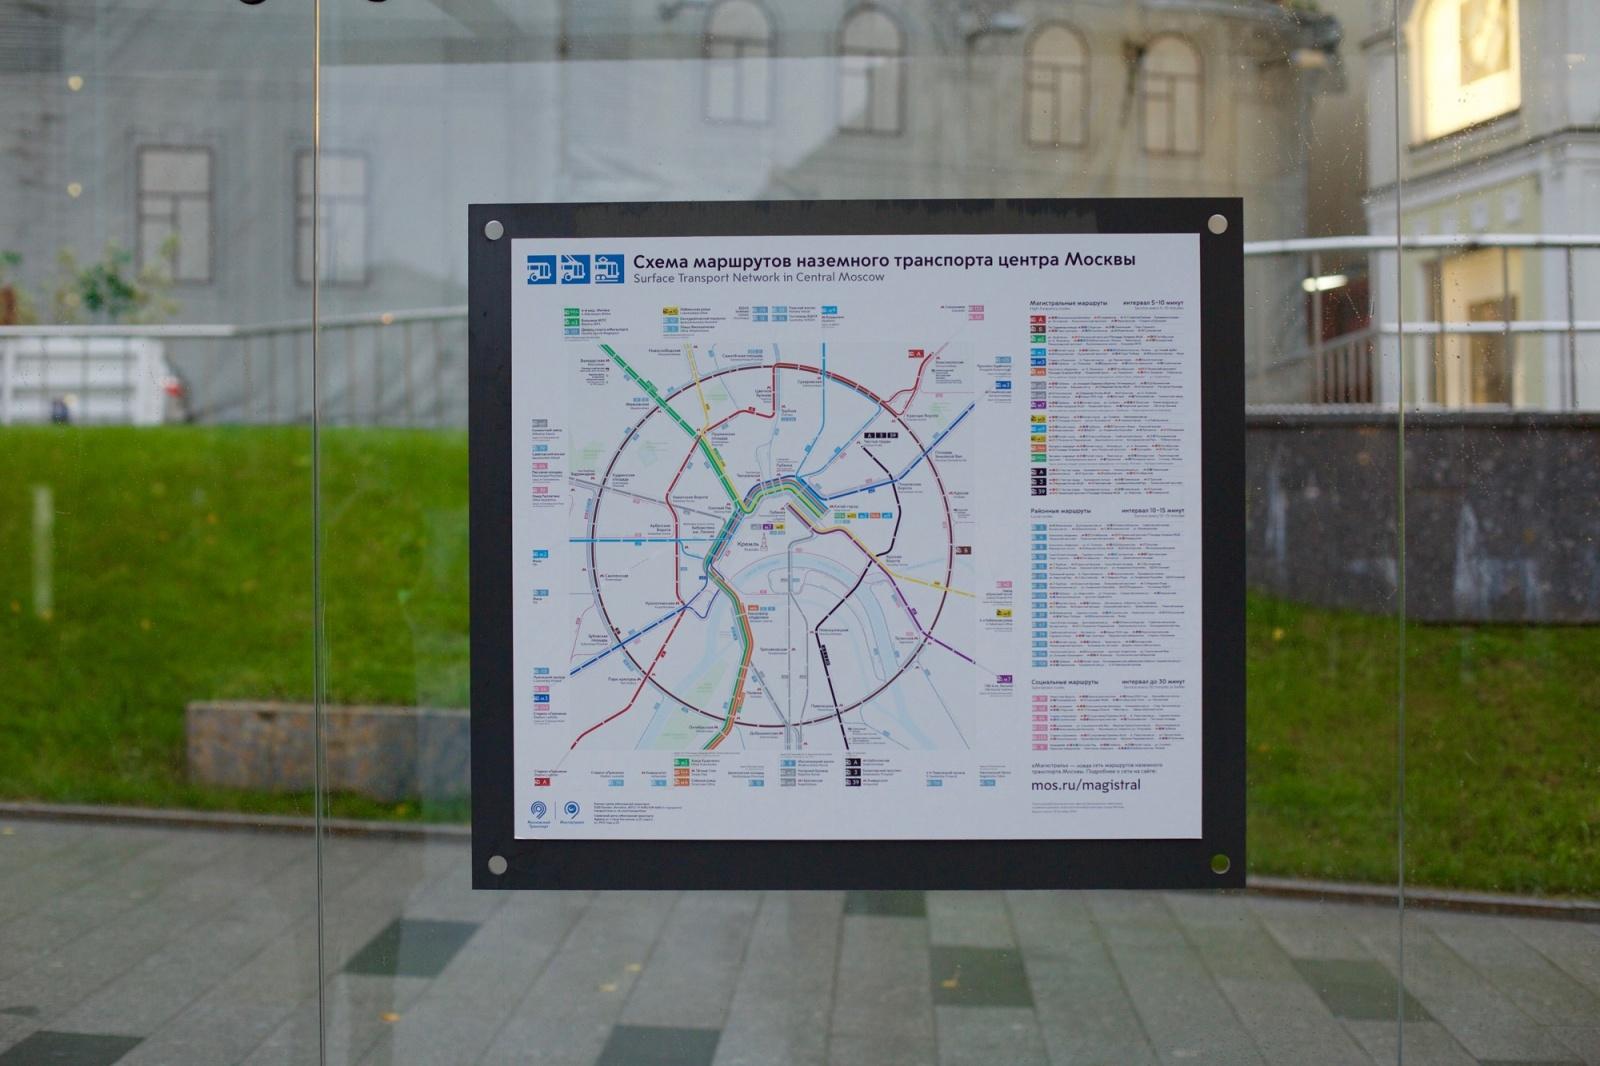 Дизайн города, основанный на данных - 4